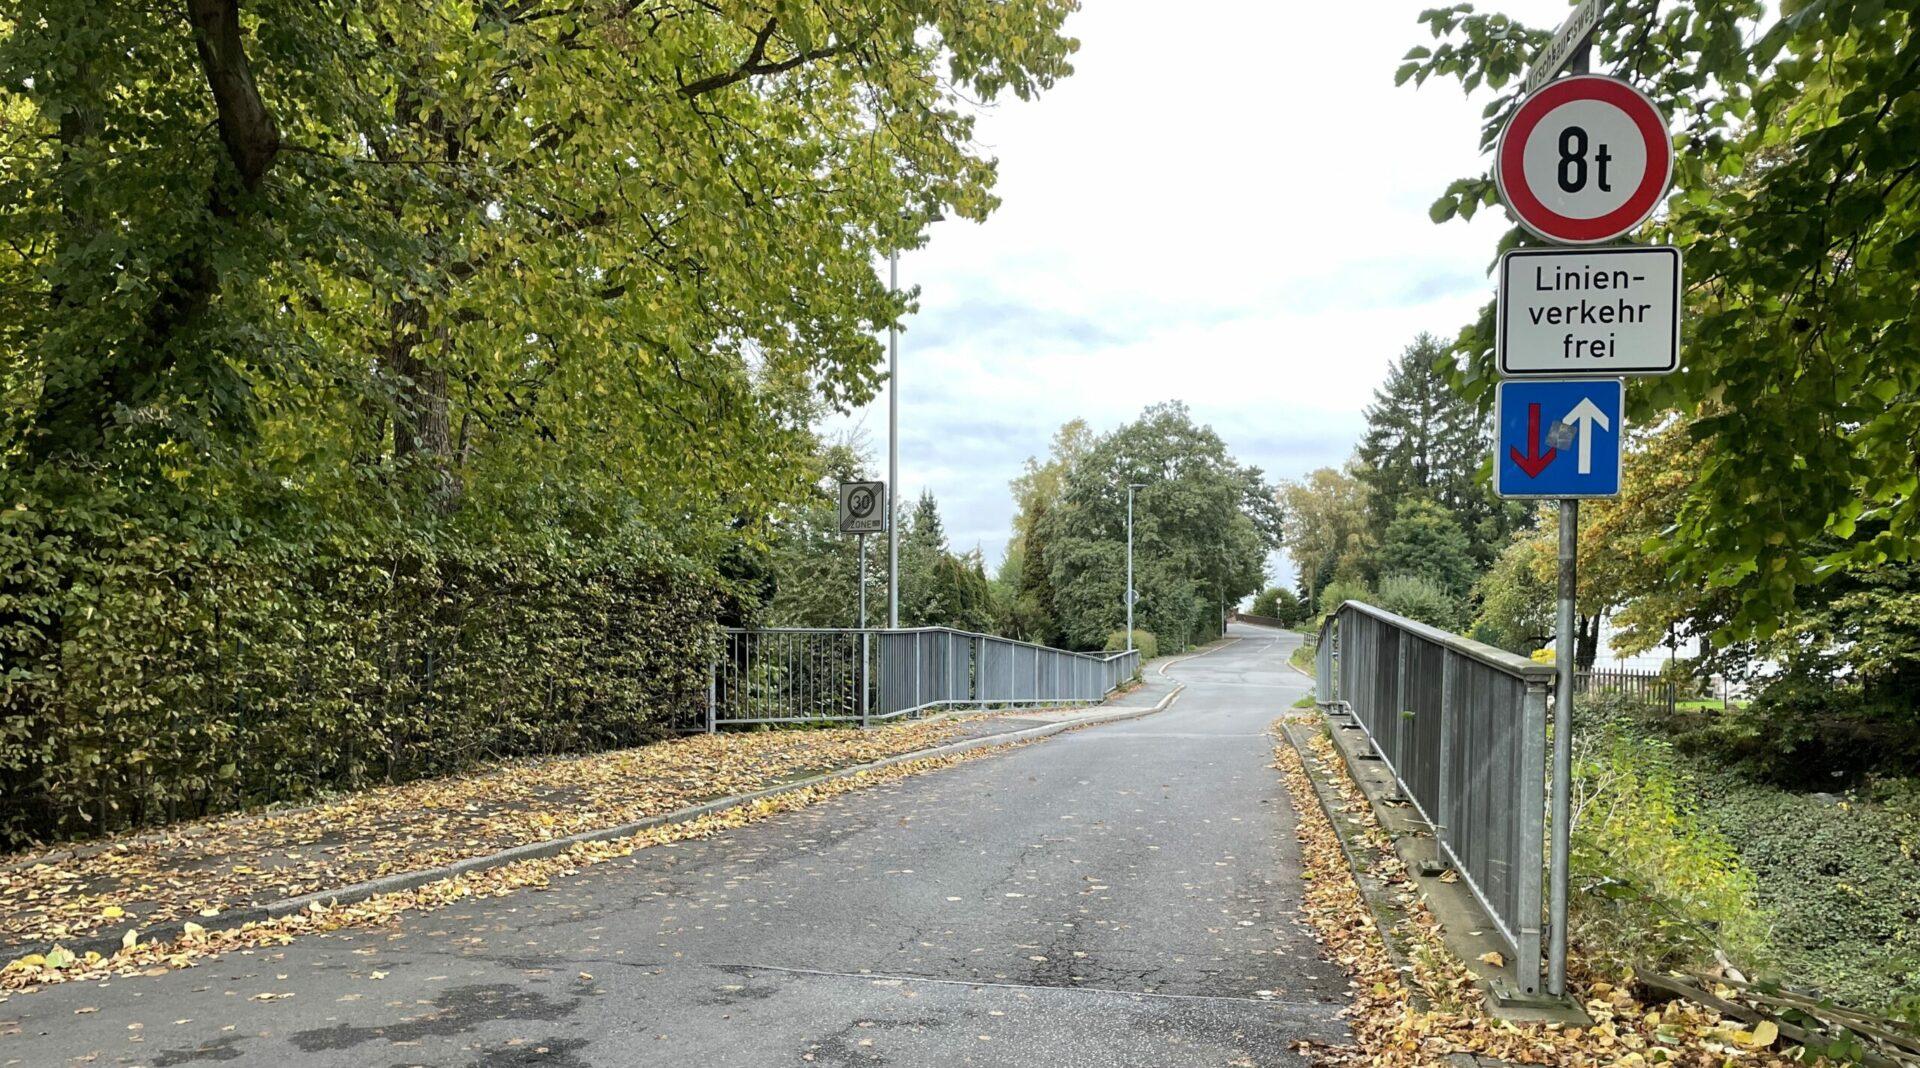 Kirschbaumsweg kurzzeitig voll gesperrt